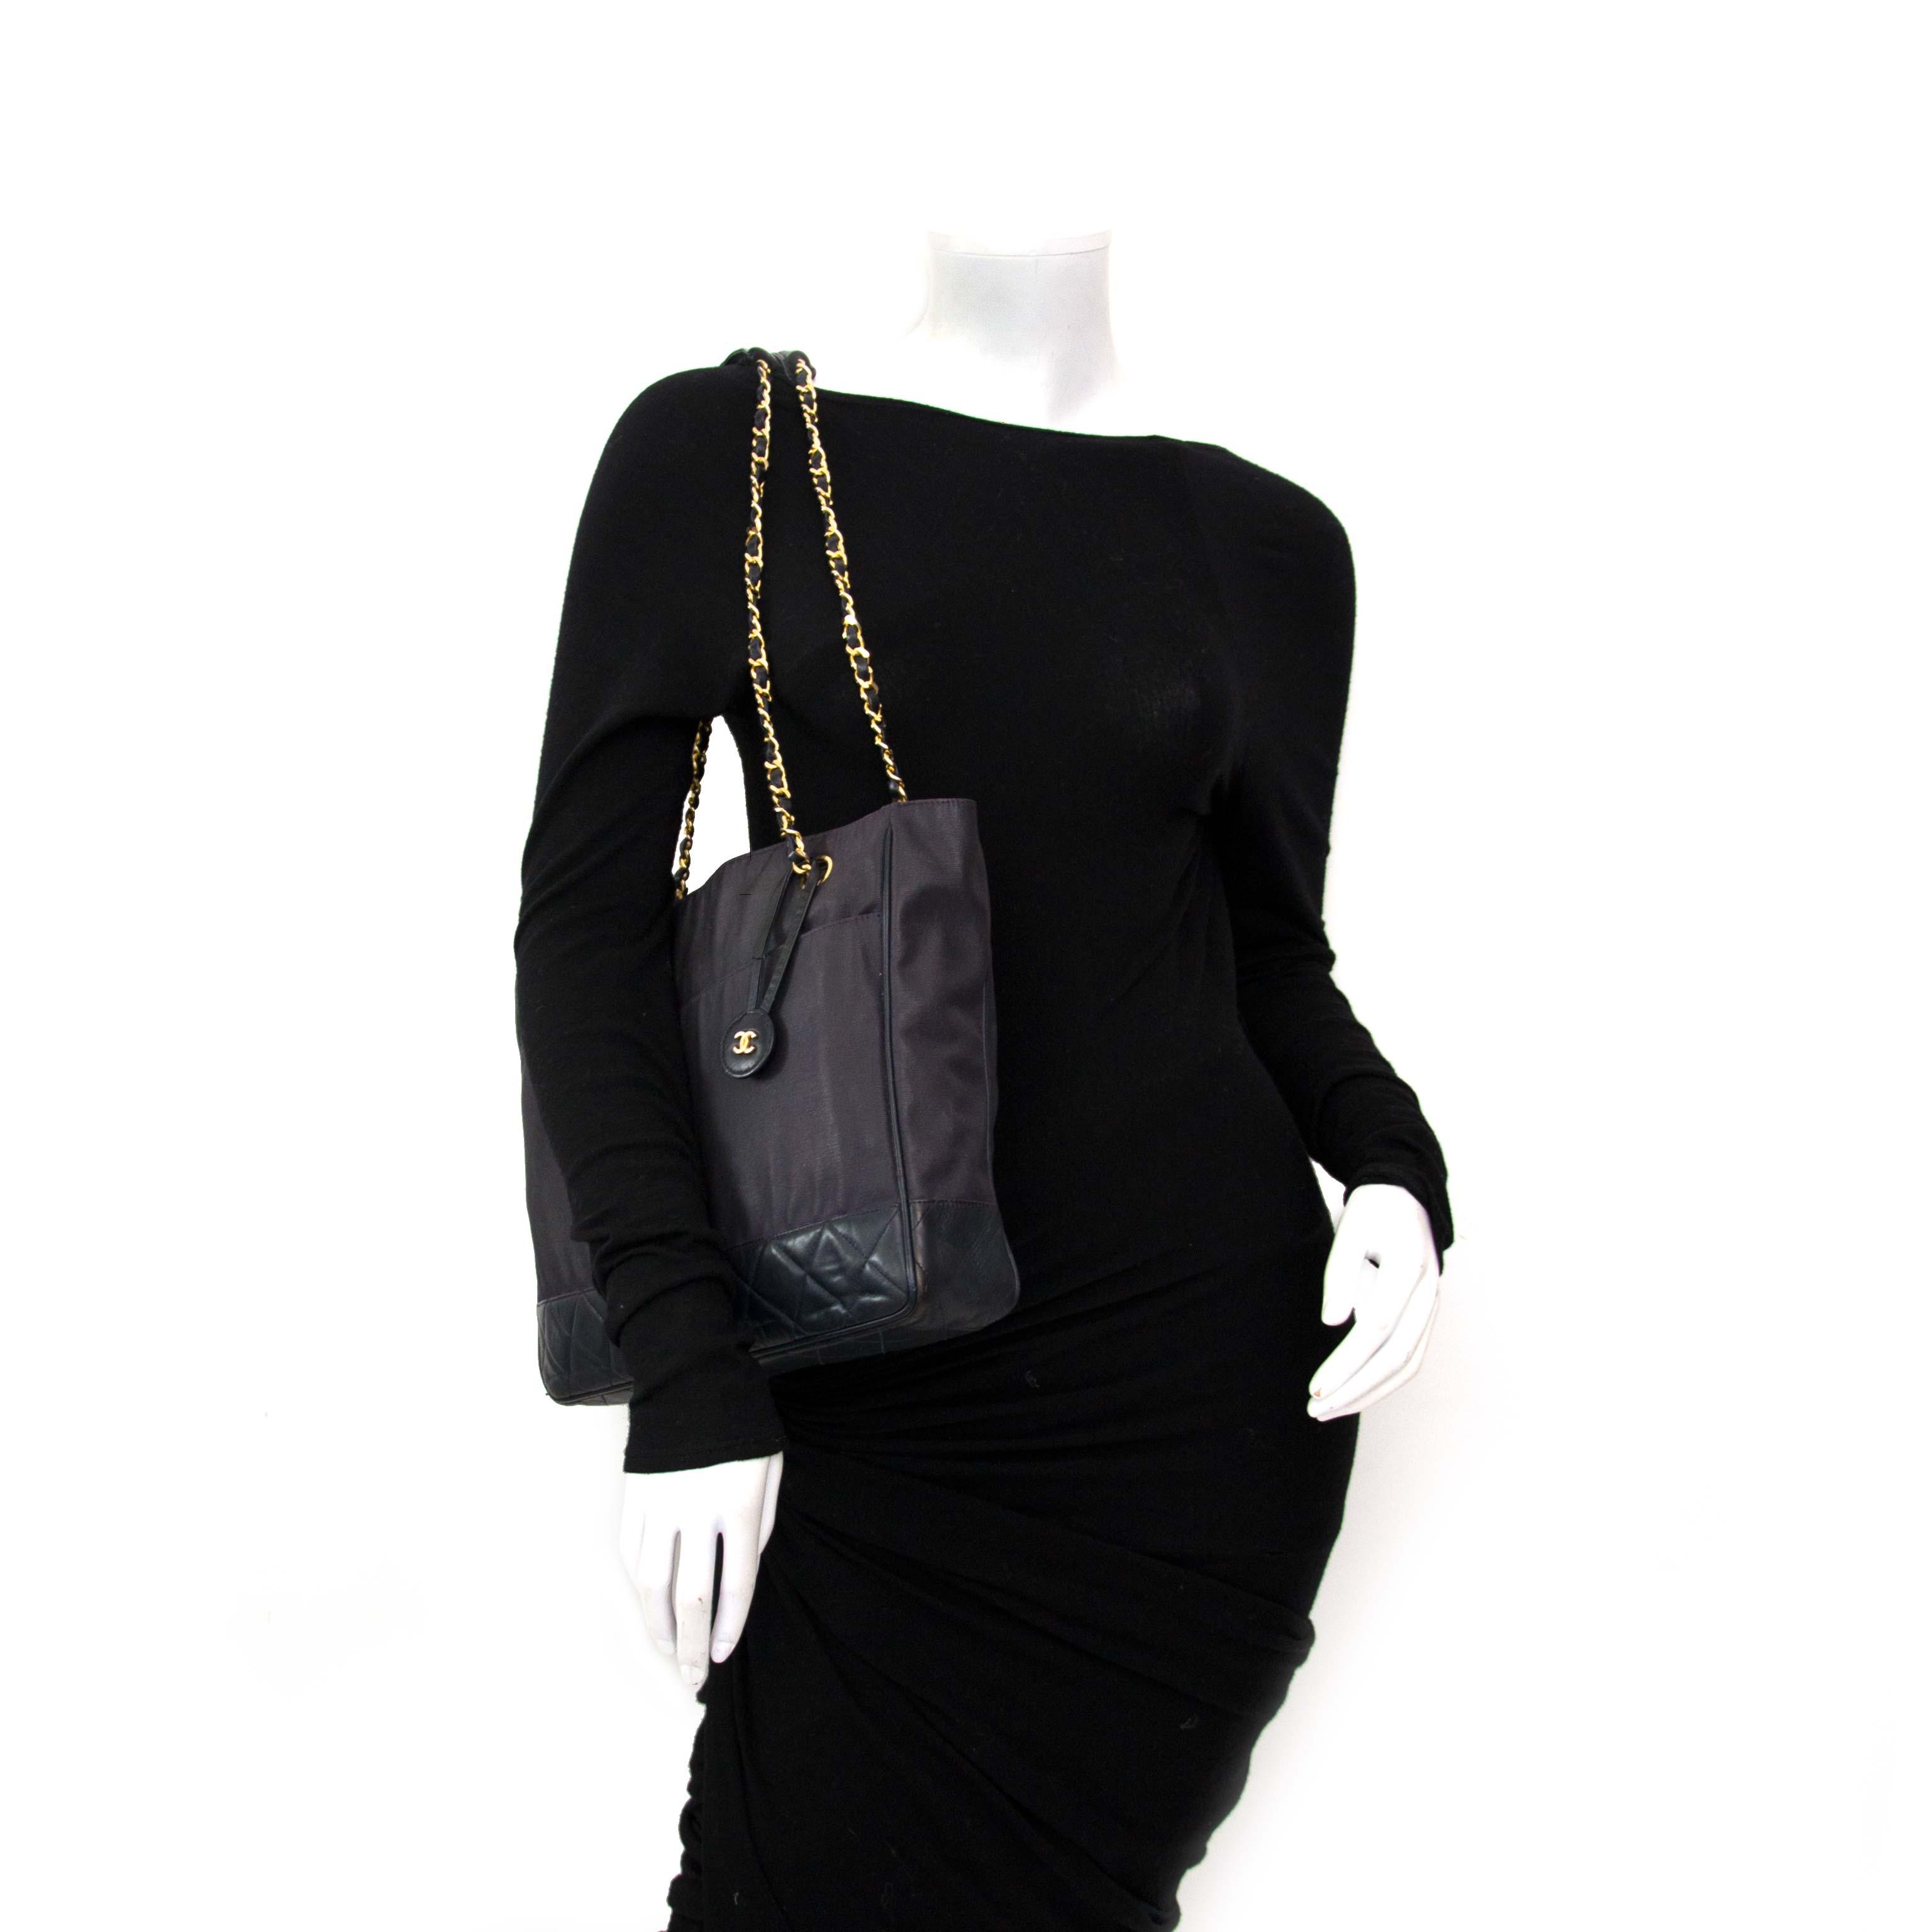 acheter en ligne pour le meilleur prix Vintage Chanel Coated Canvas Shopping Tote